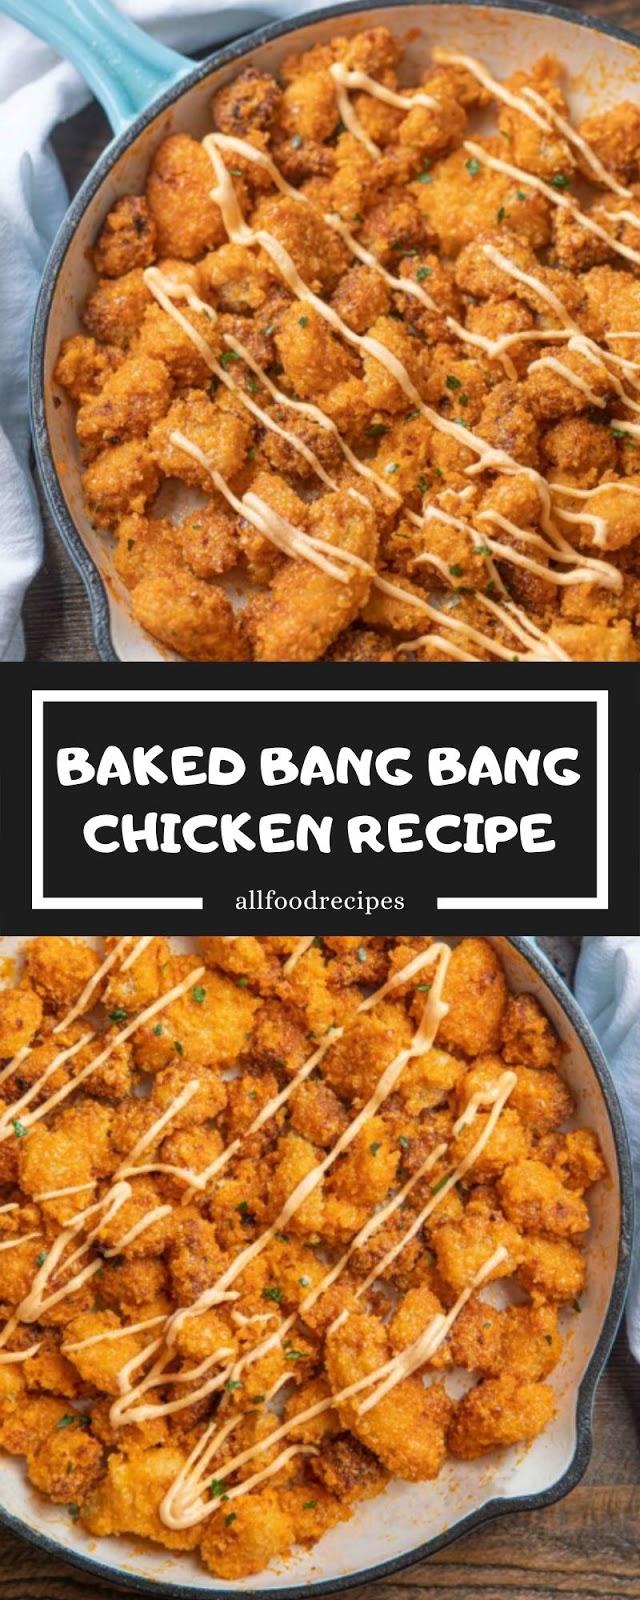 BAKED BANG BANG CHICKEN RECIPE